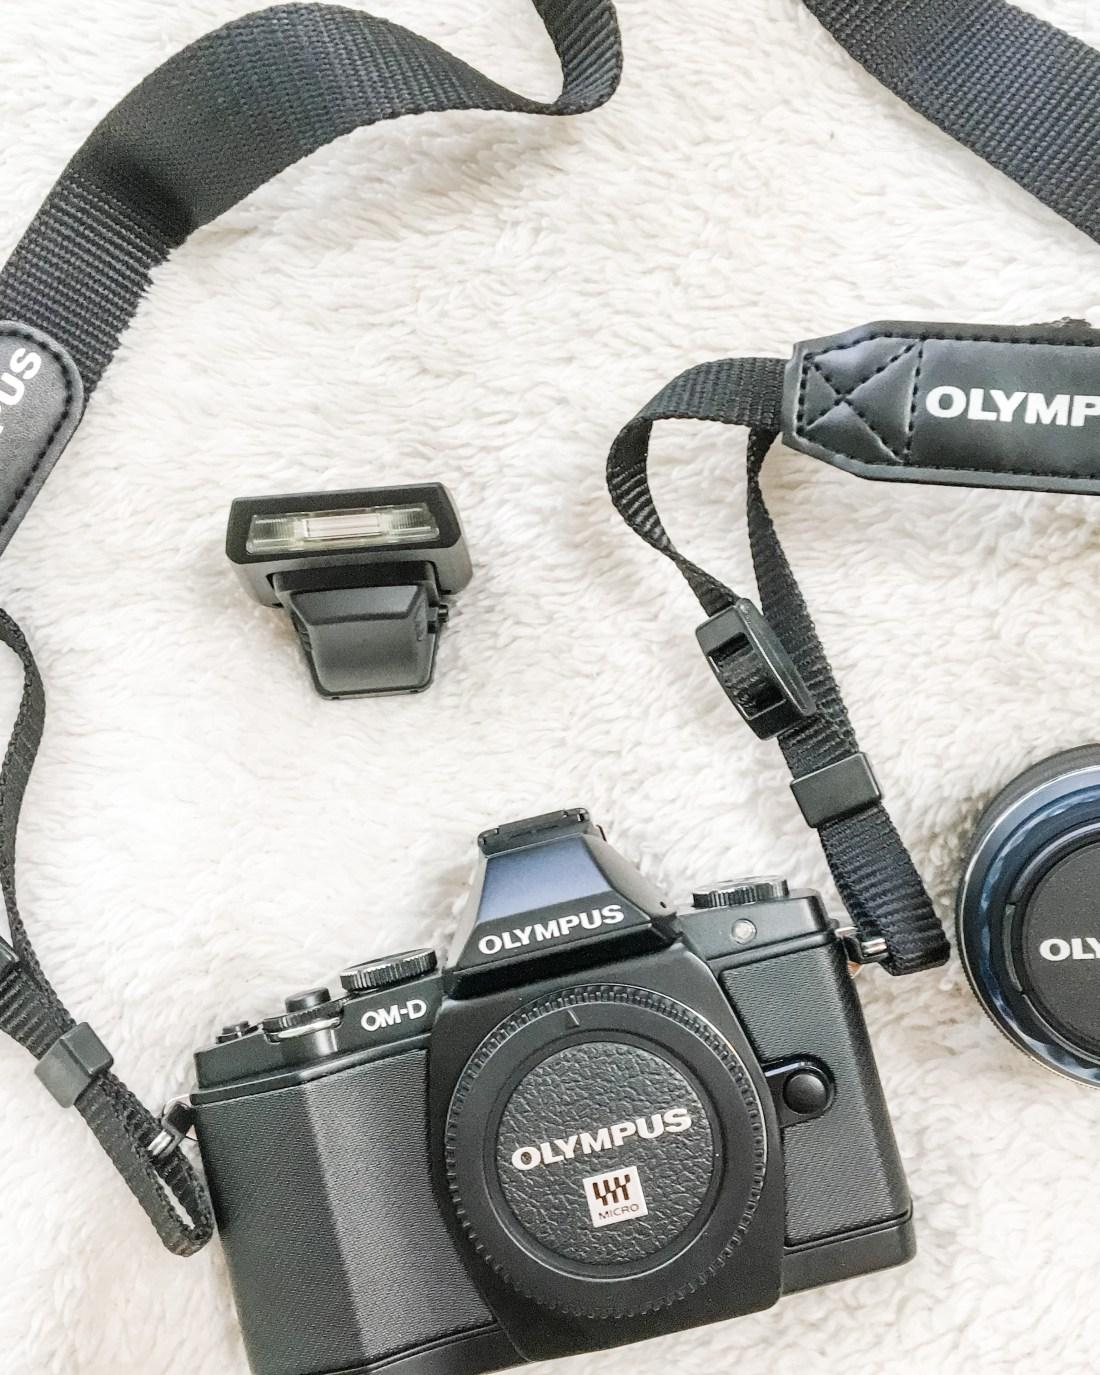 Olympus OM-D EM5 Camera